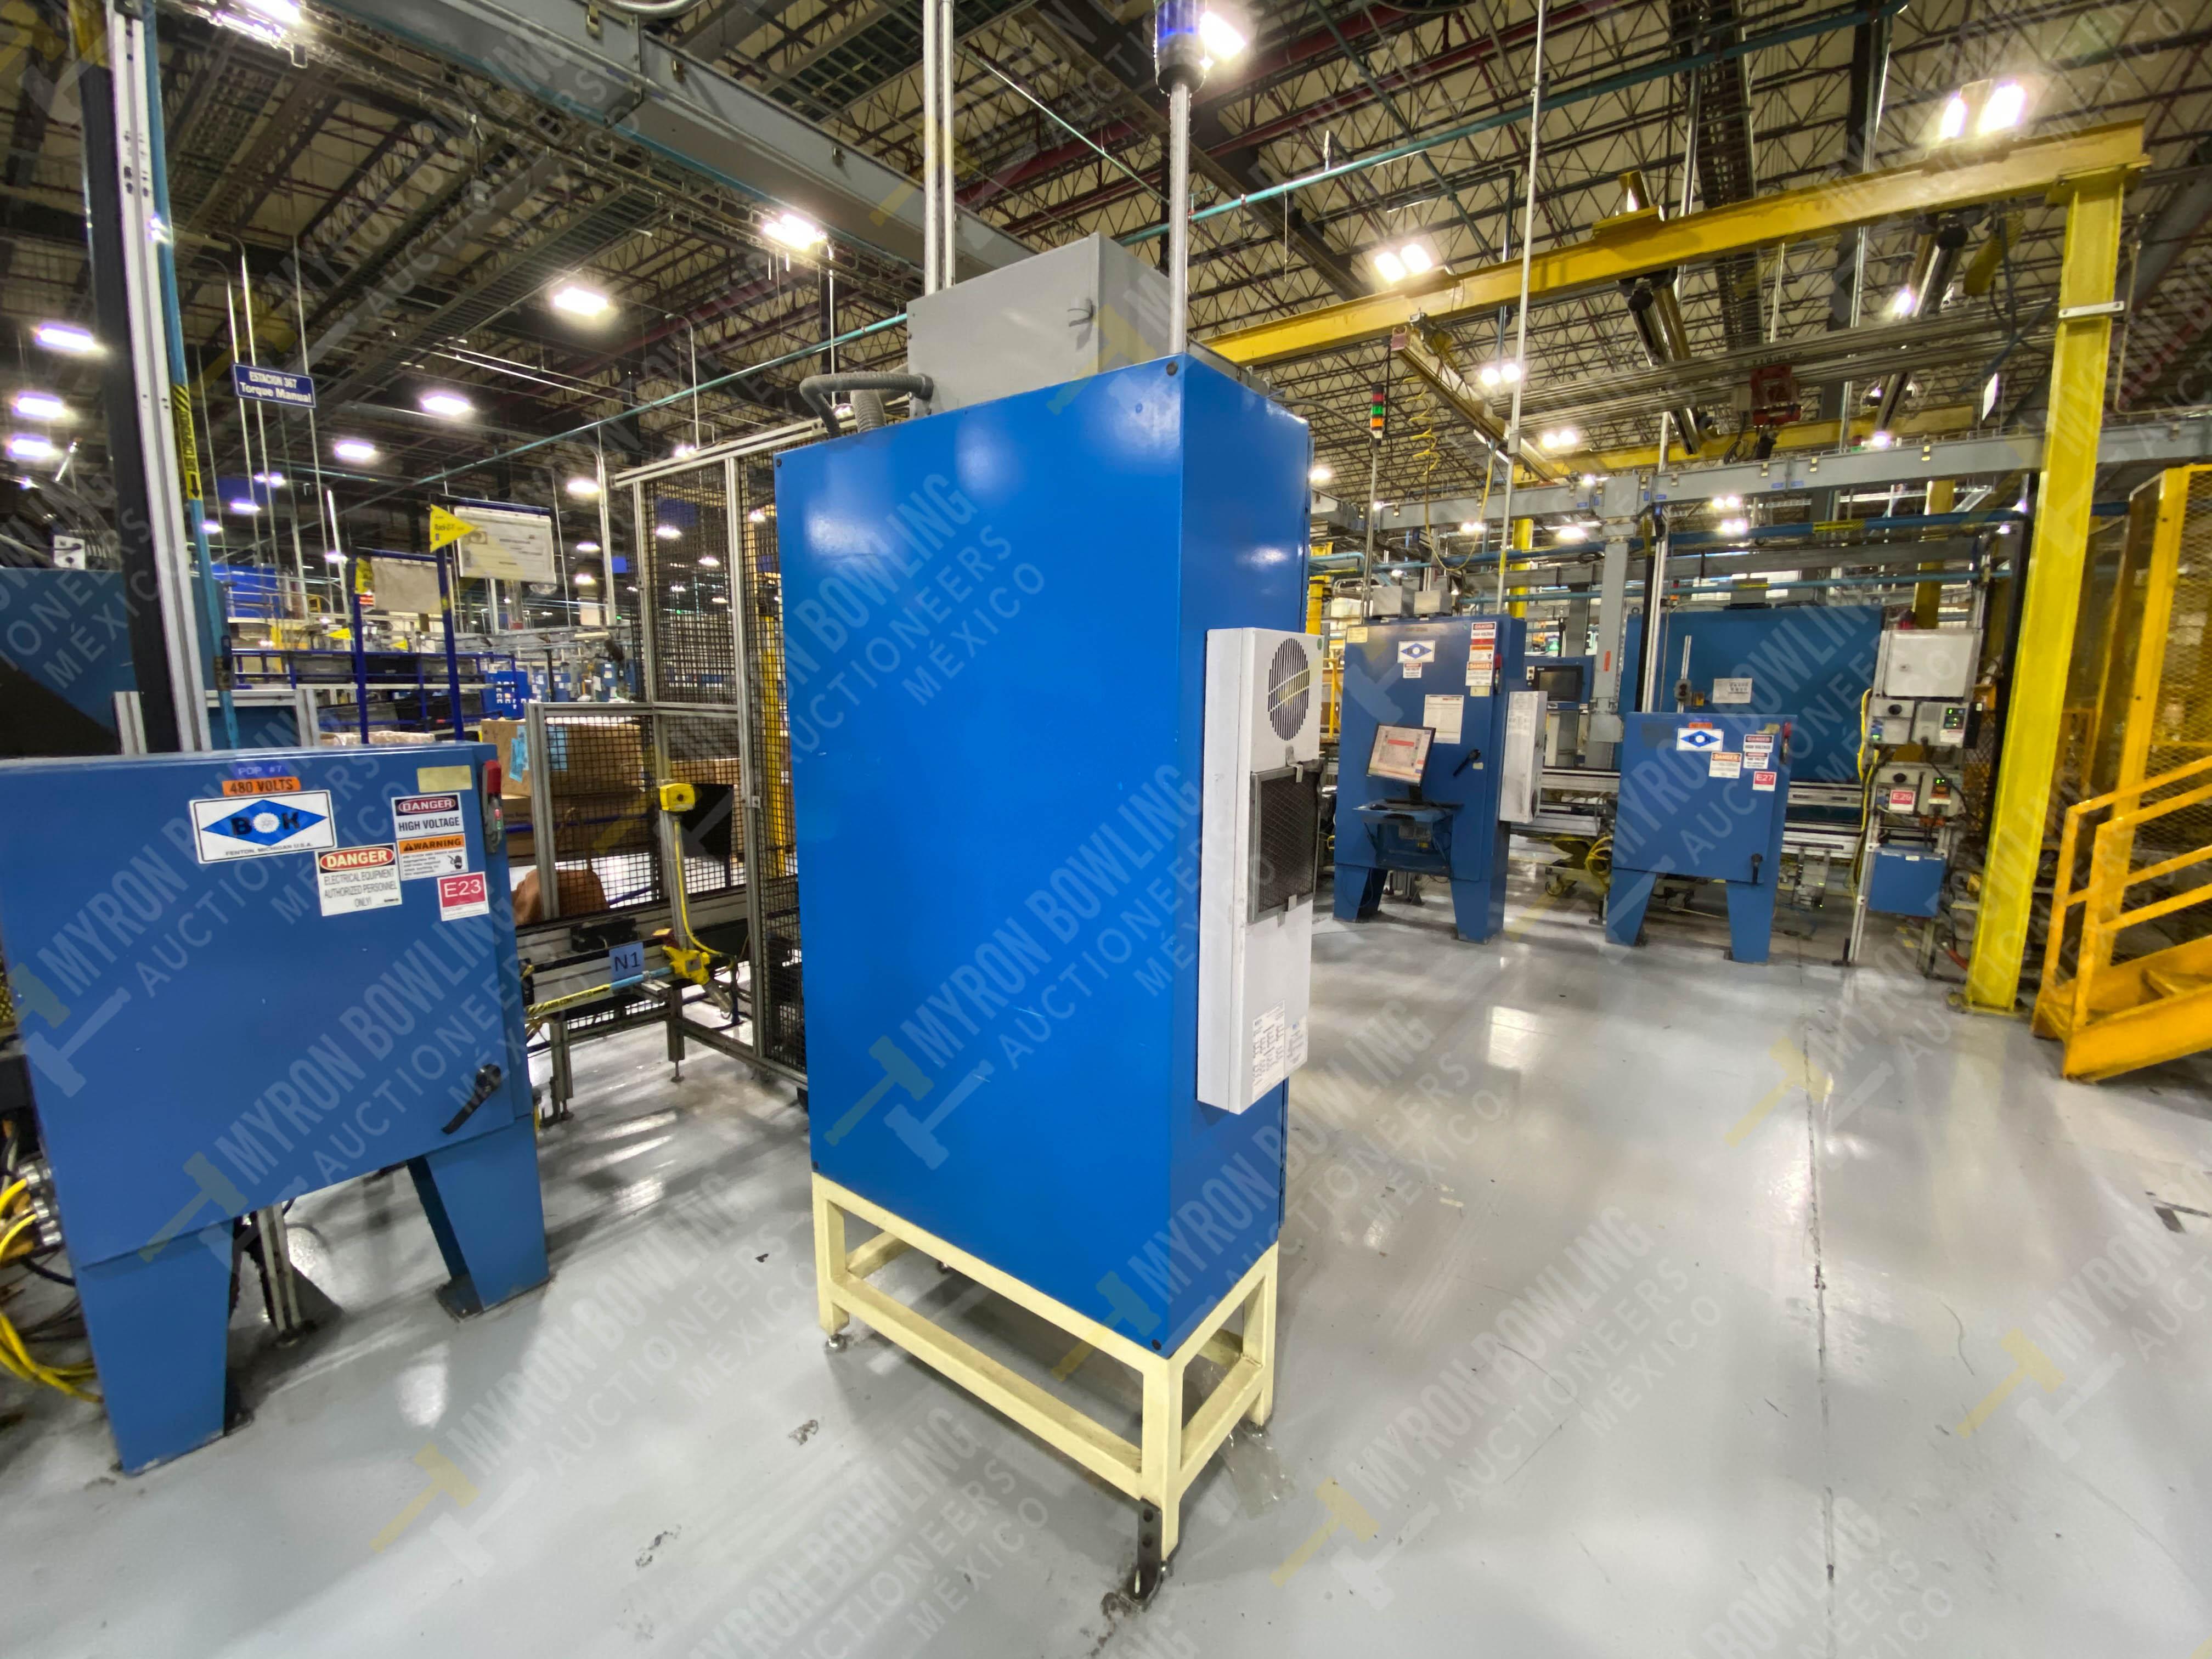 Estación manual para operación 383, contiene: Prensa marca PROMESS en estructura de placa de acero - Image 24 of 27